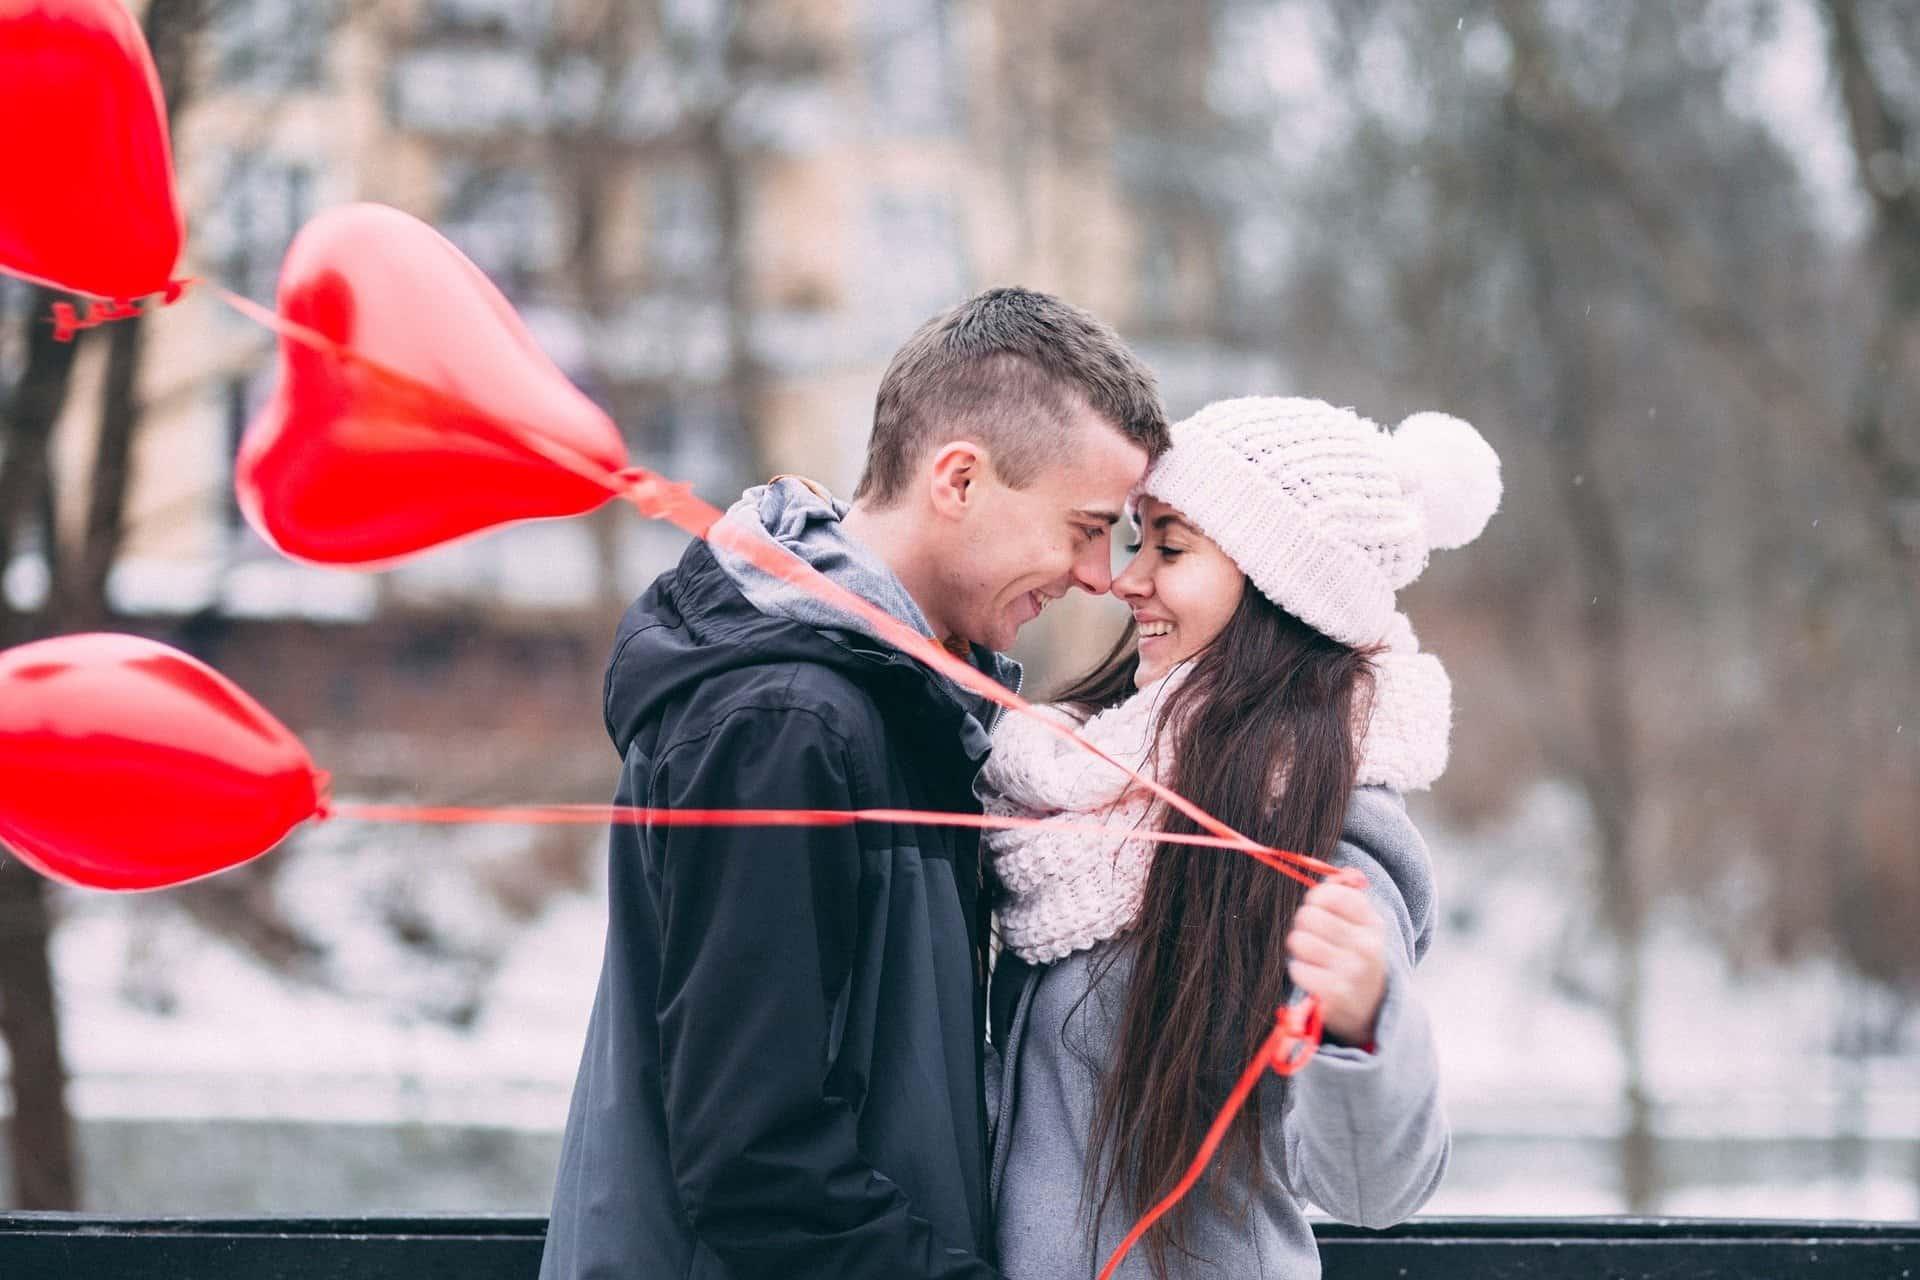 Lakukan Cara Ini Agar Hubungan Tetap Romantis!